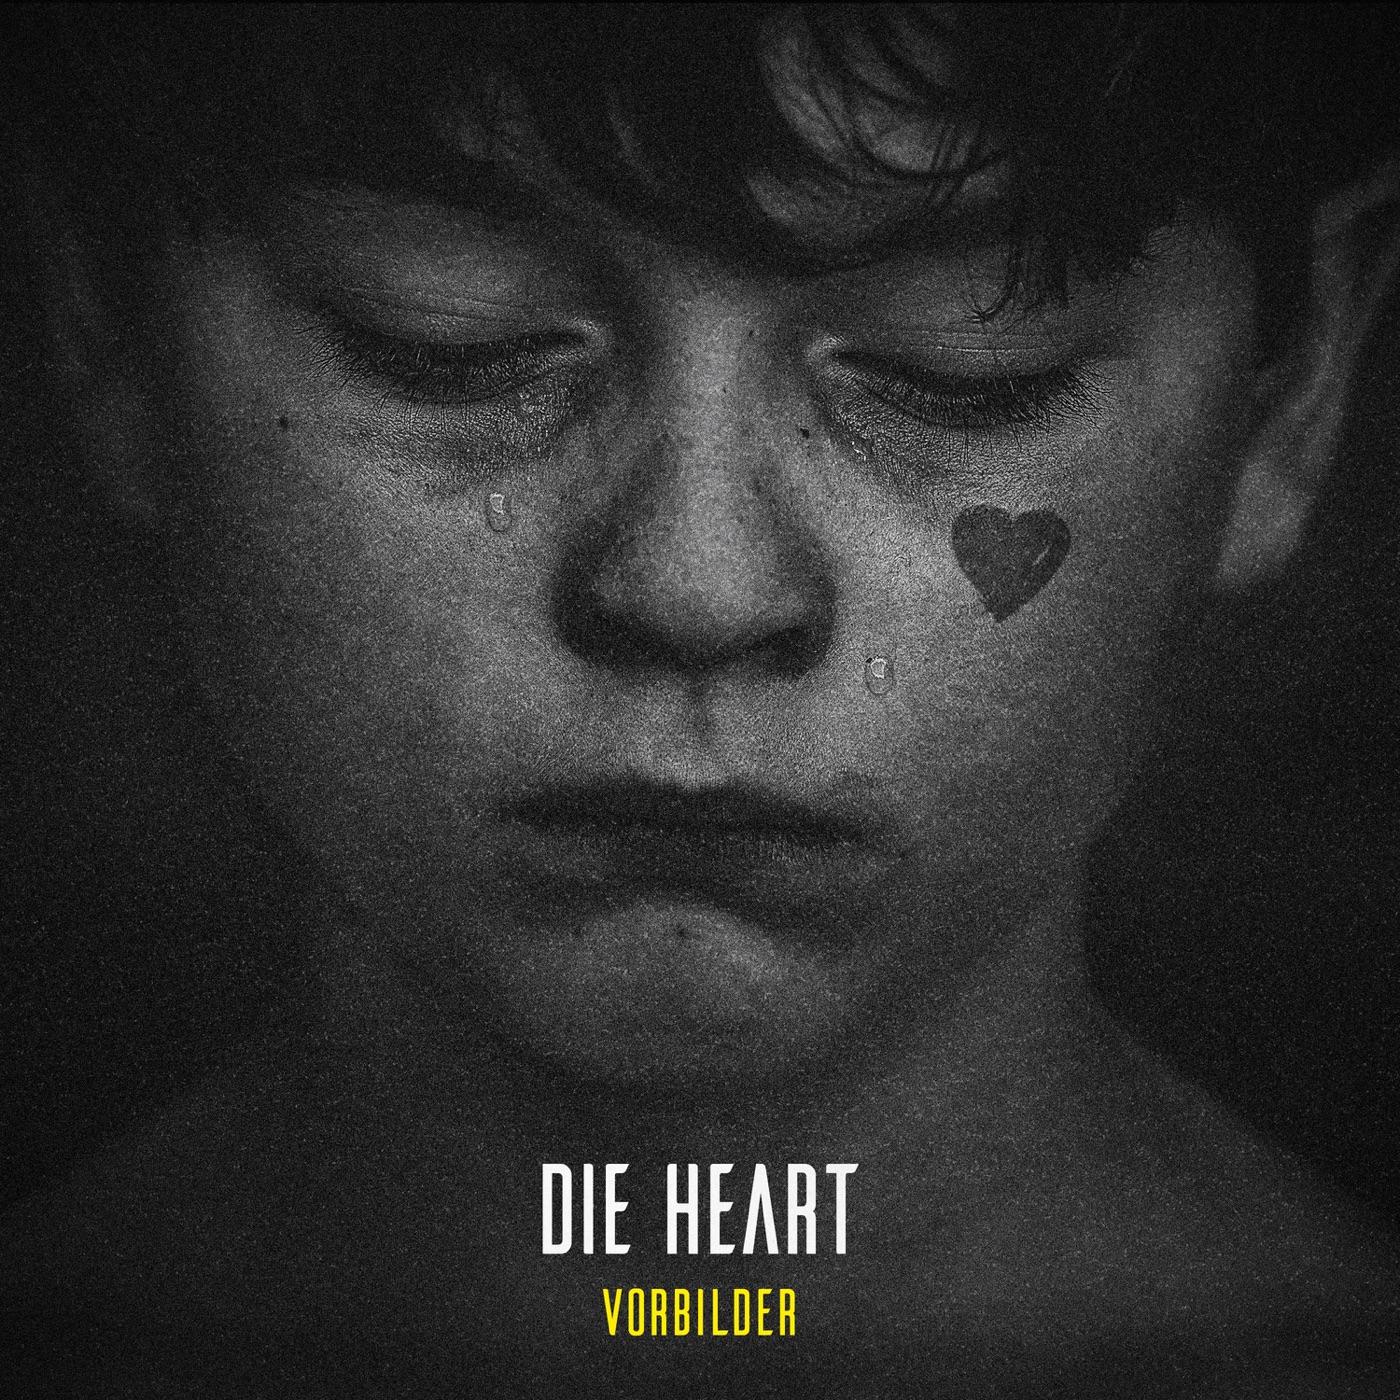 Die Heart - Vorbilder (2019)